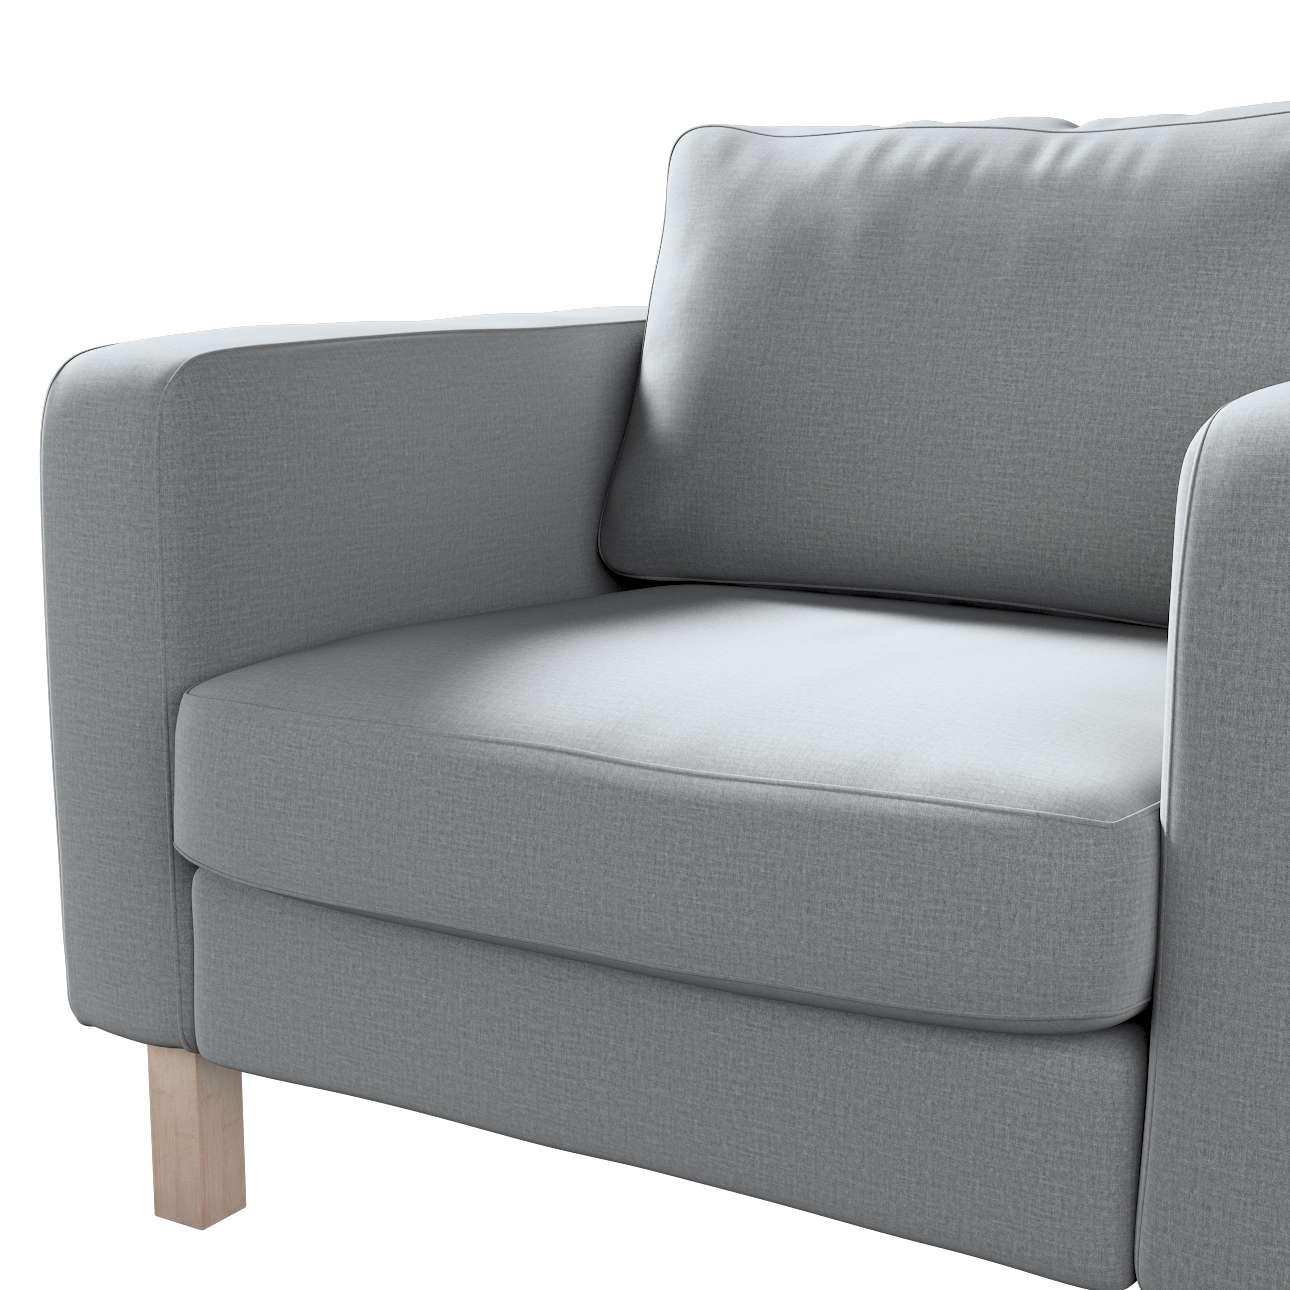 Pokrowiec na fotel Karlstad, krótki w kolekcji Ingrid, tkanina: 705-42